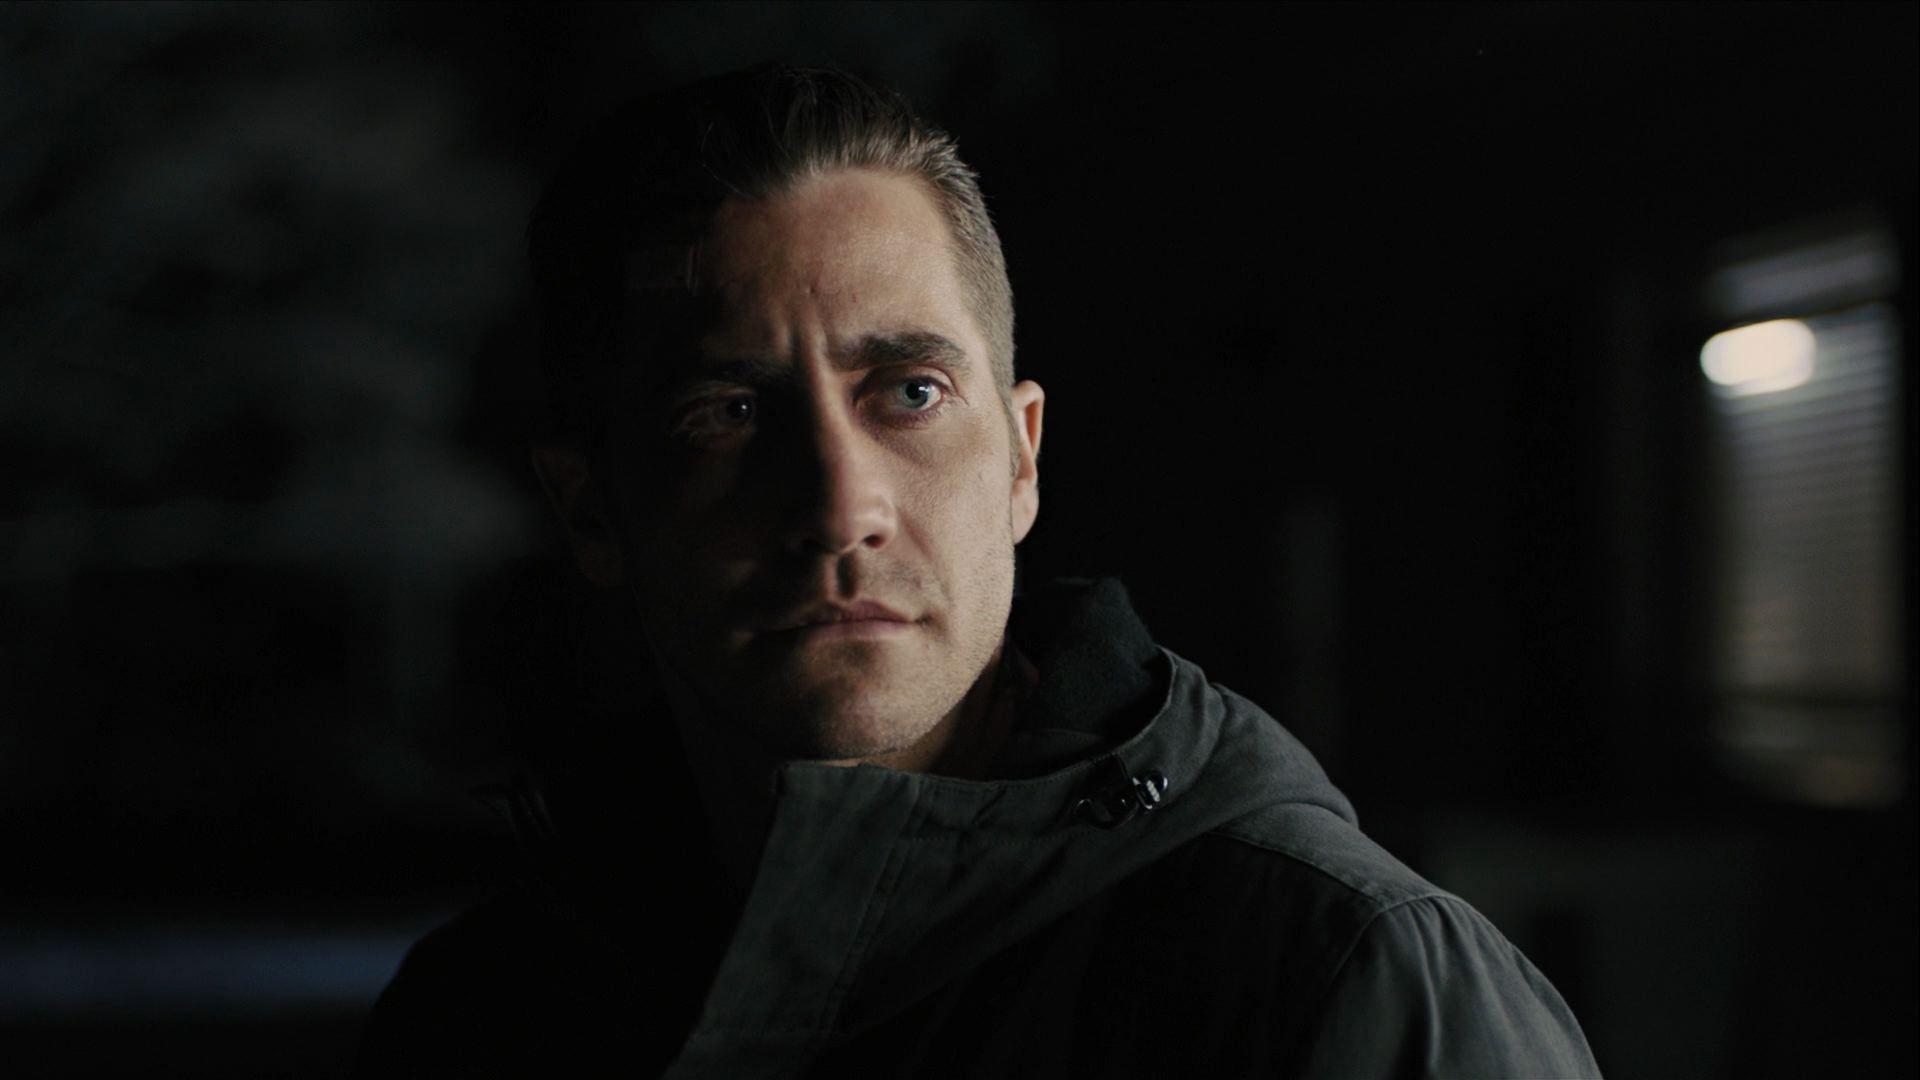 Best Jake Gyllenhaal Movies - Prisoners (2013)